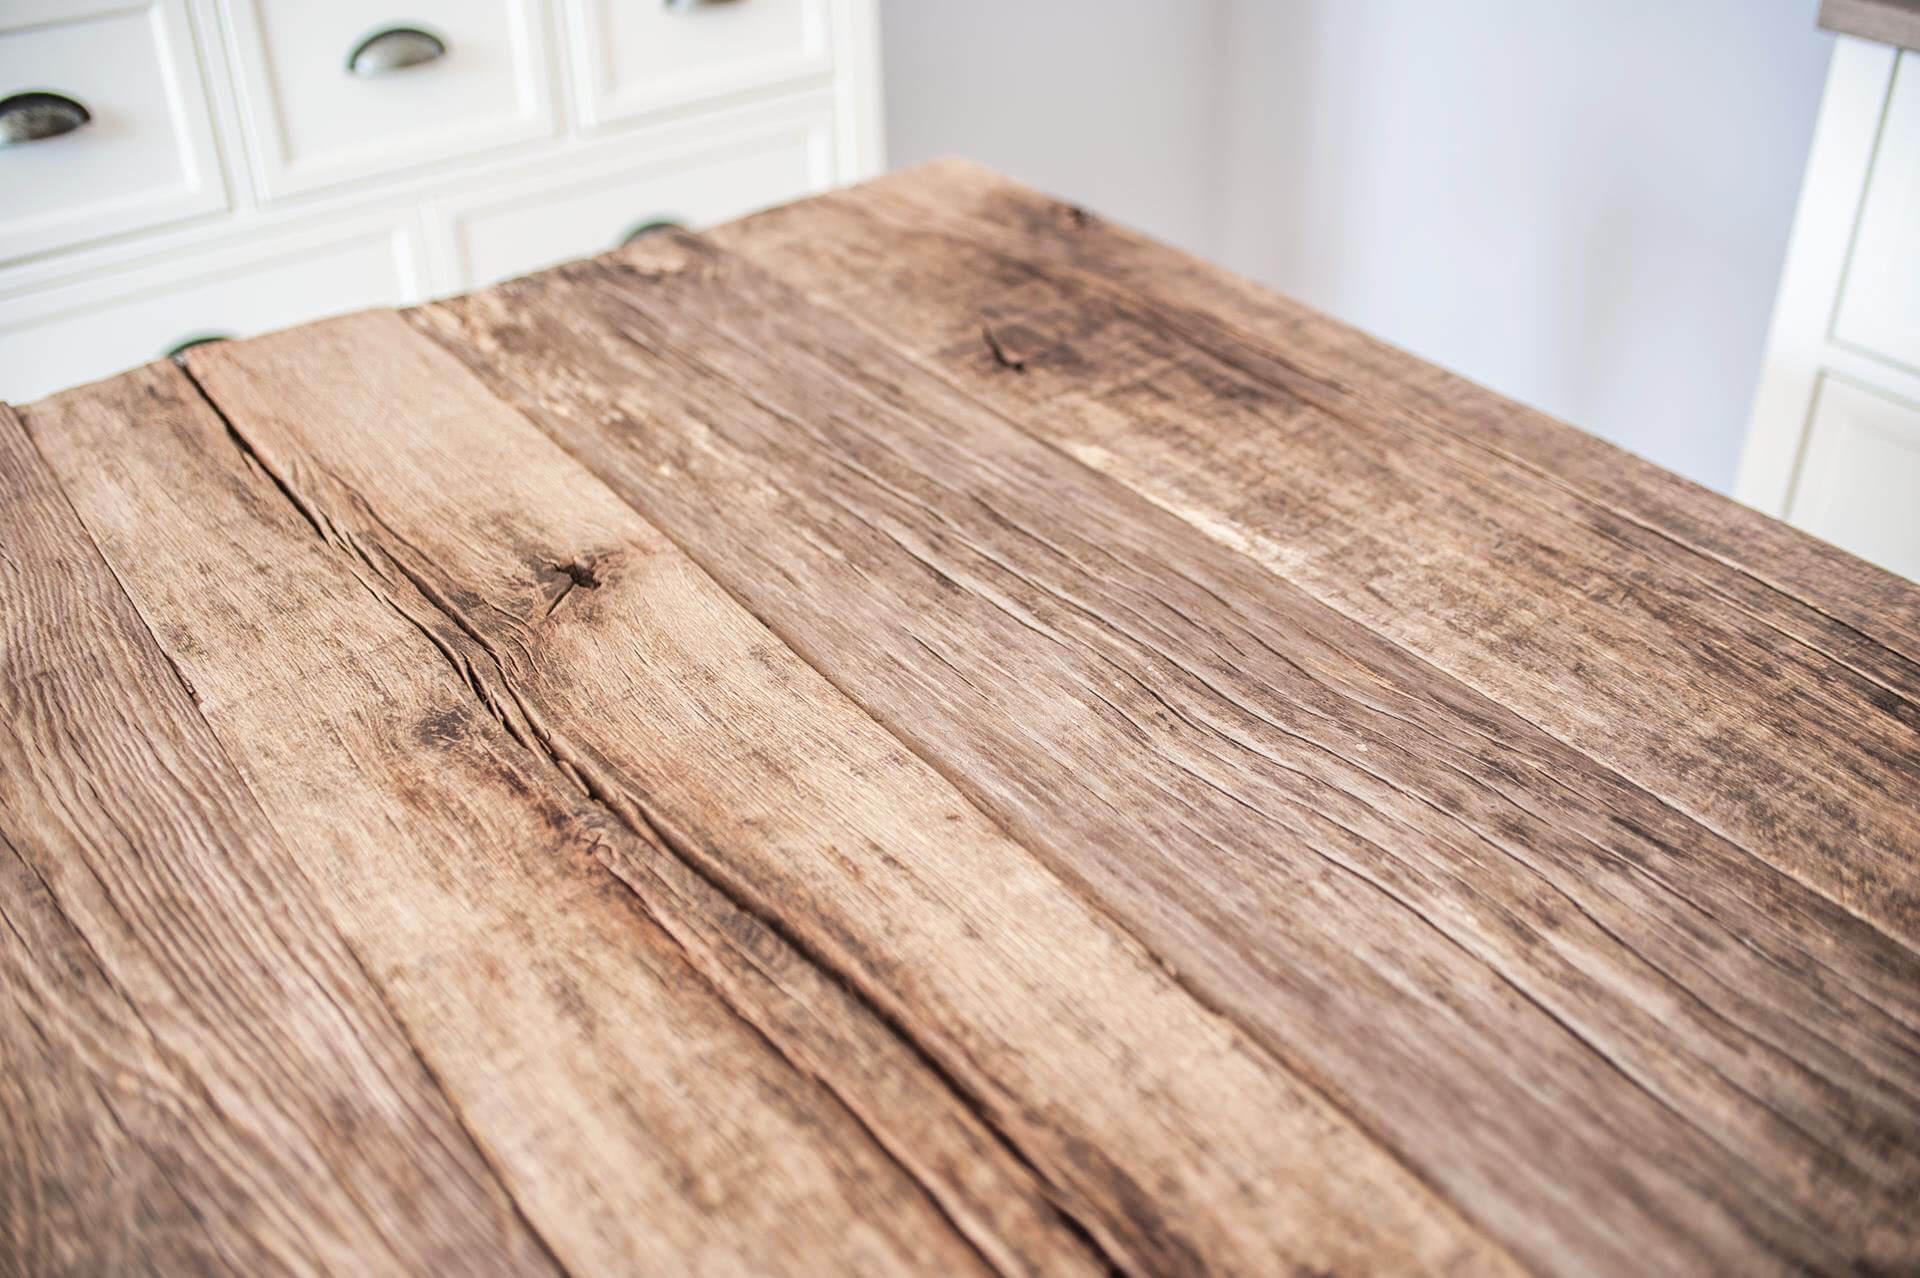 Dębowy drewniany blat stołu